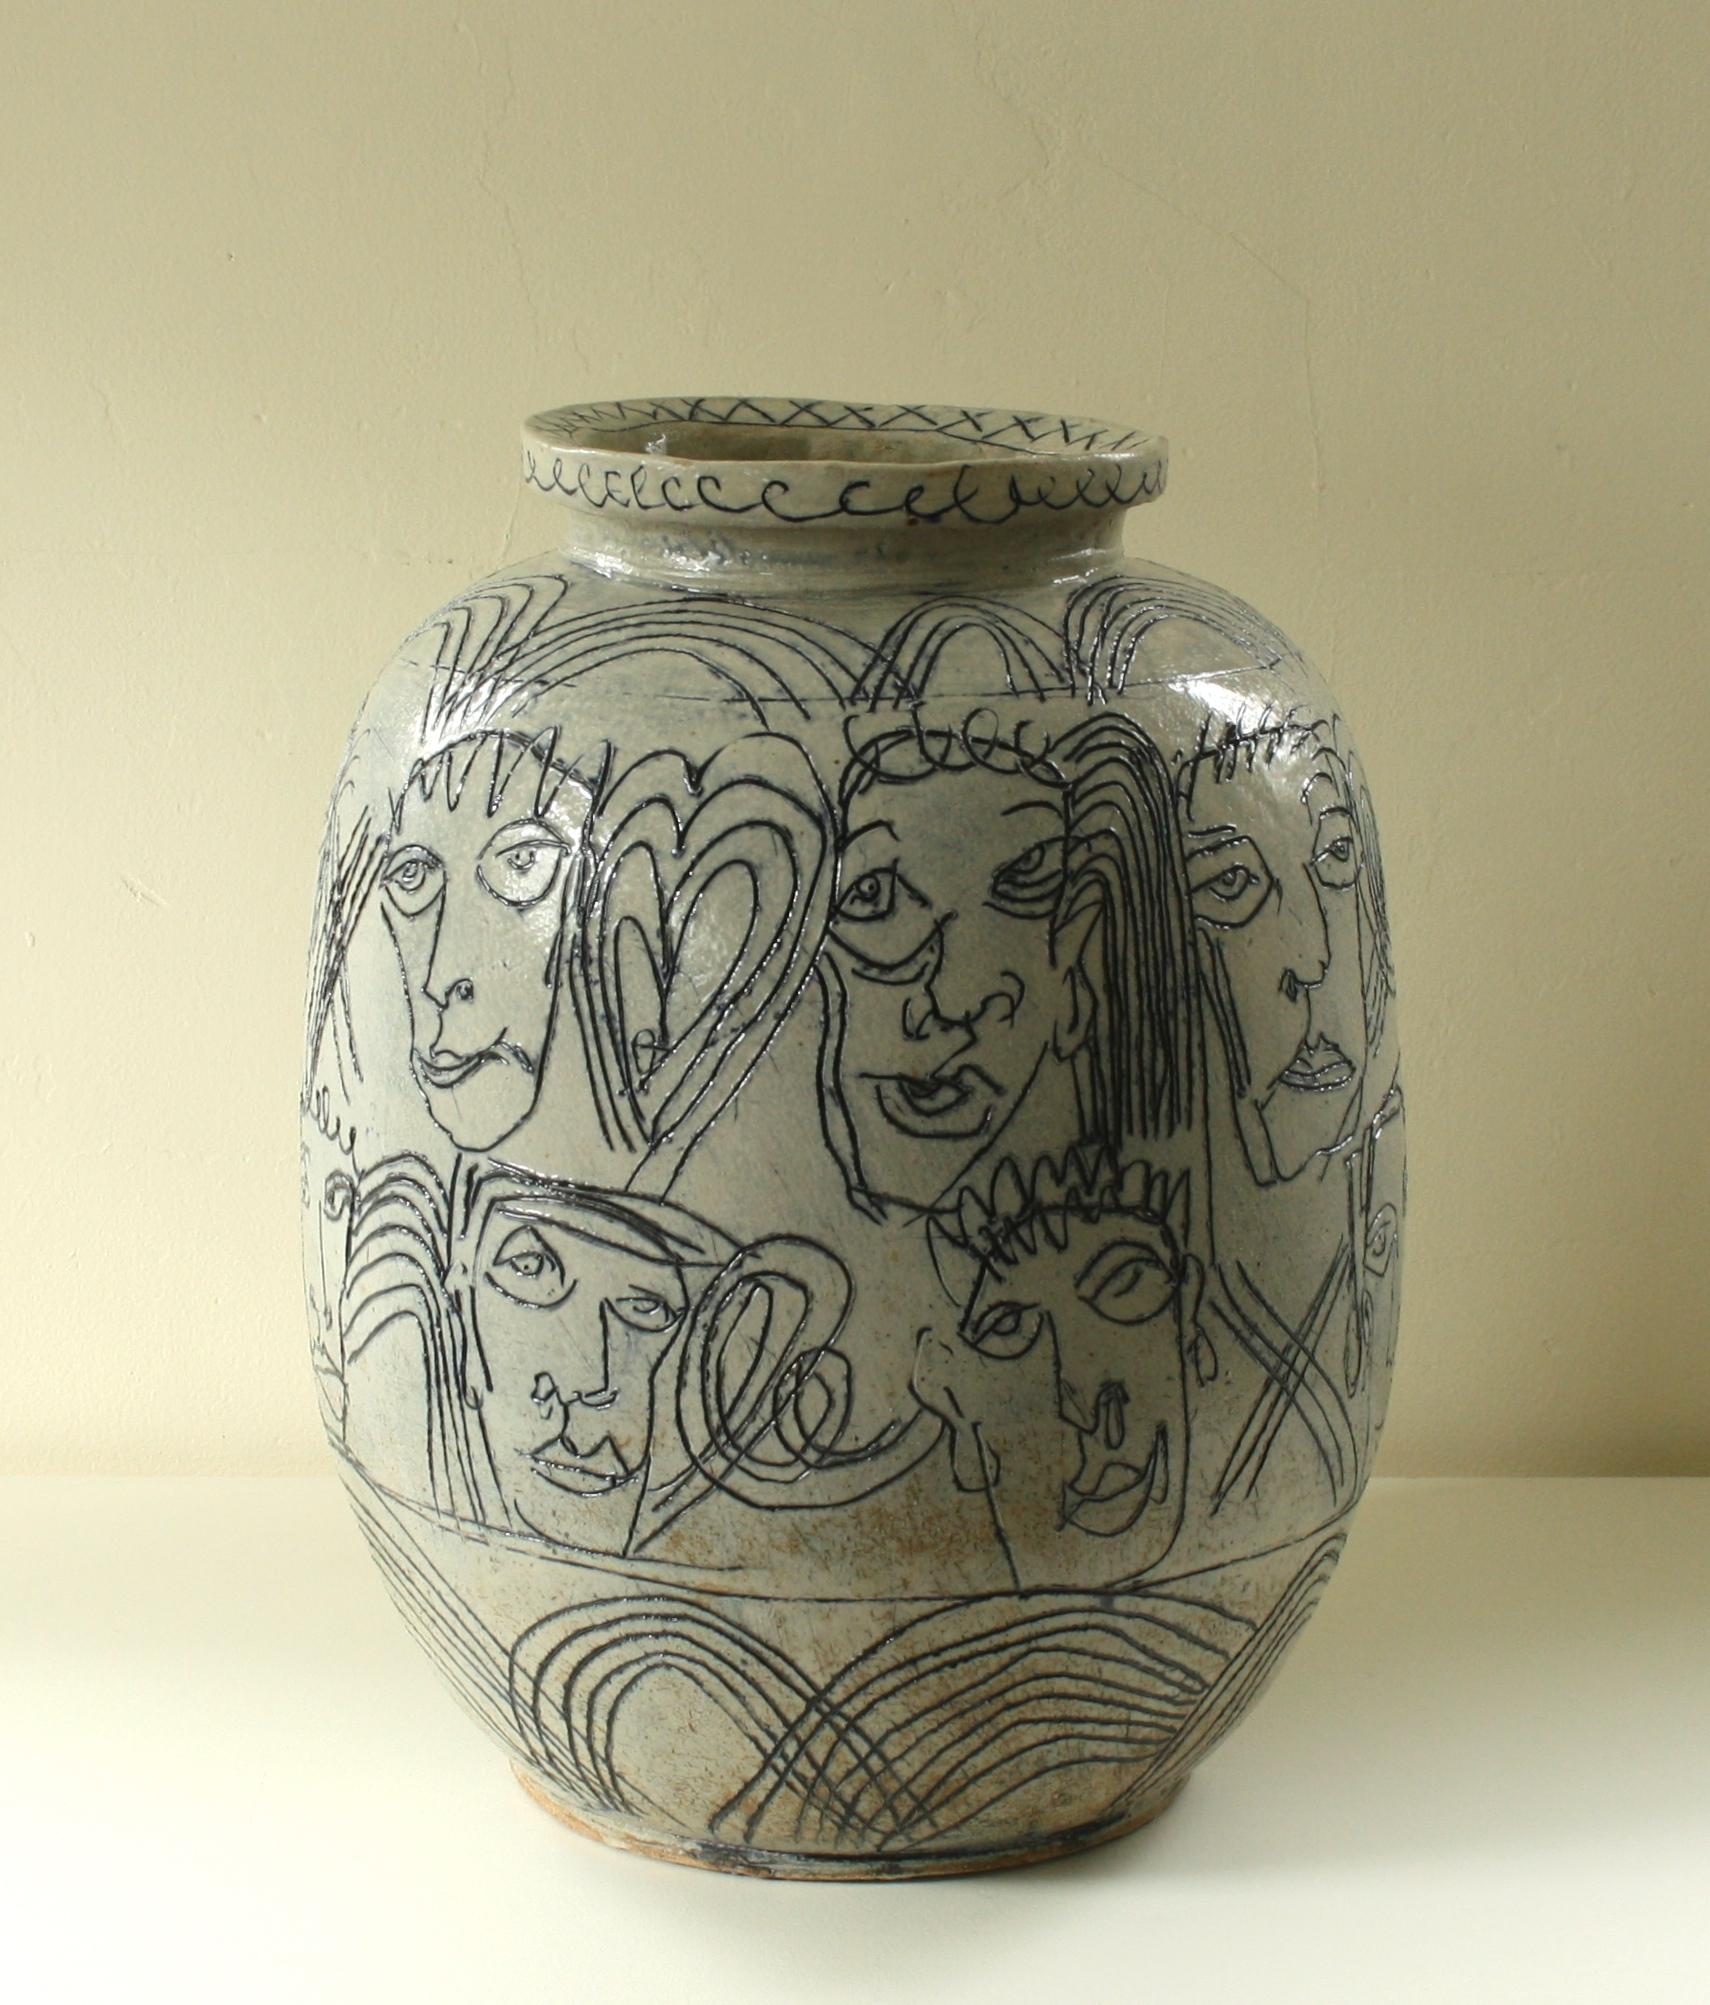 Drawn Vase